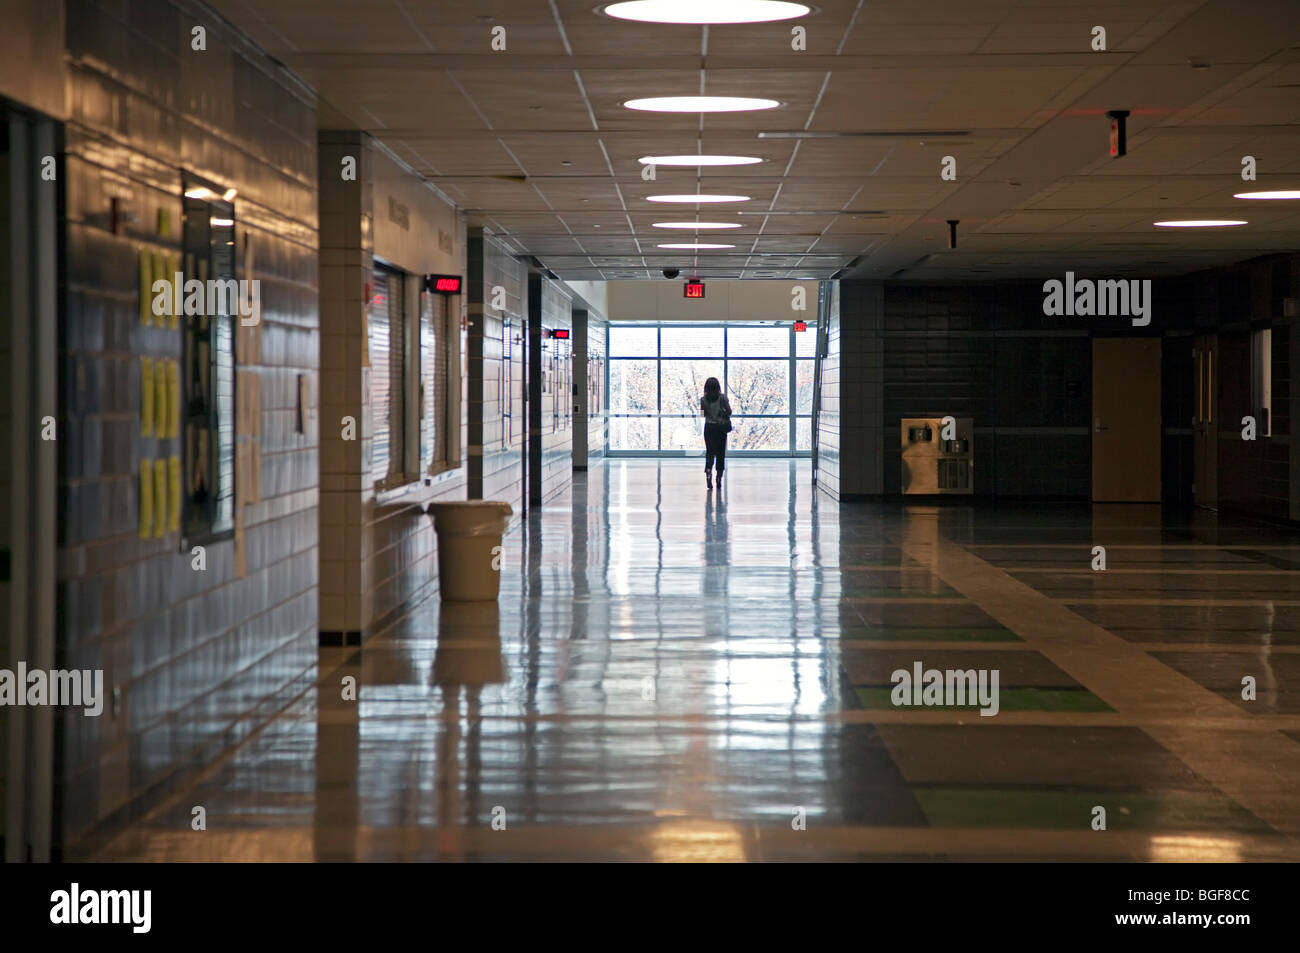 Detroit, Michigan - A single teacher walks in a hallway at Cass Technical High School. - Stock Image